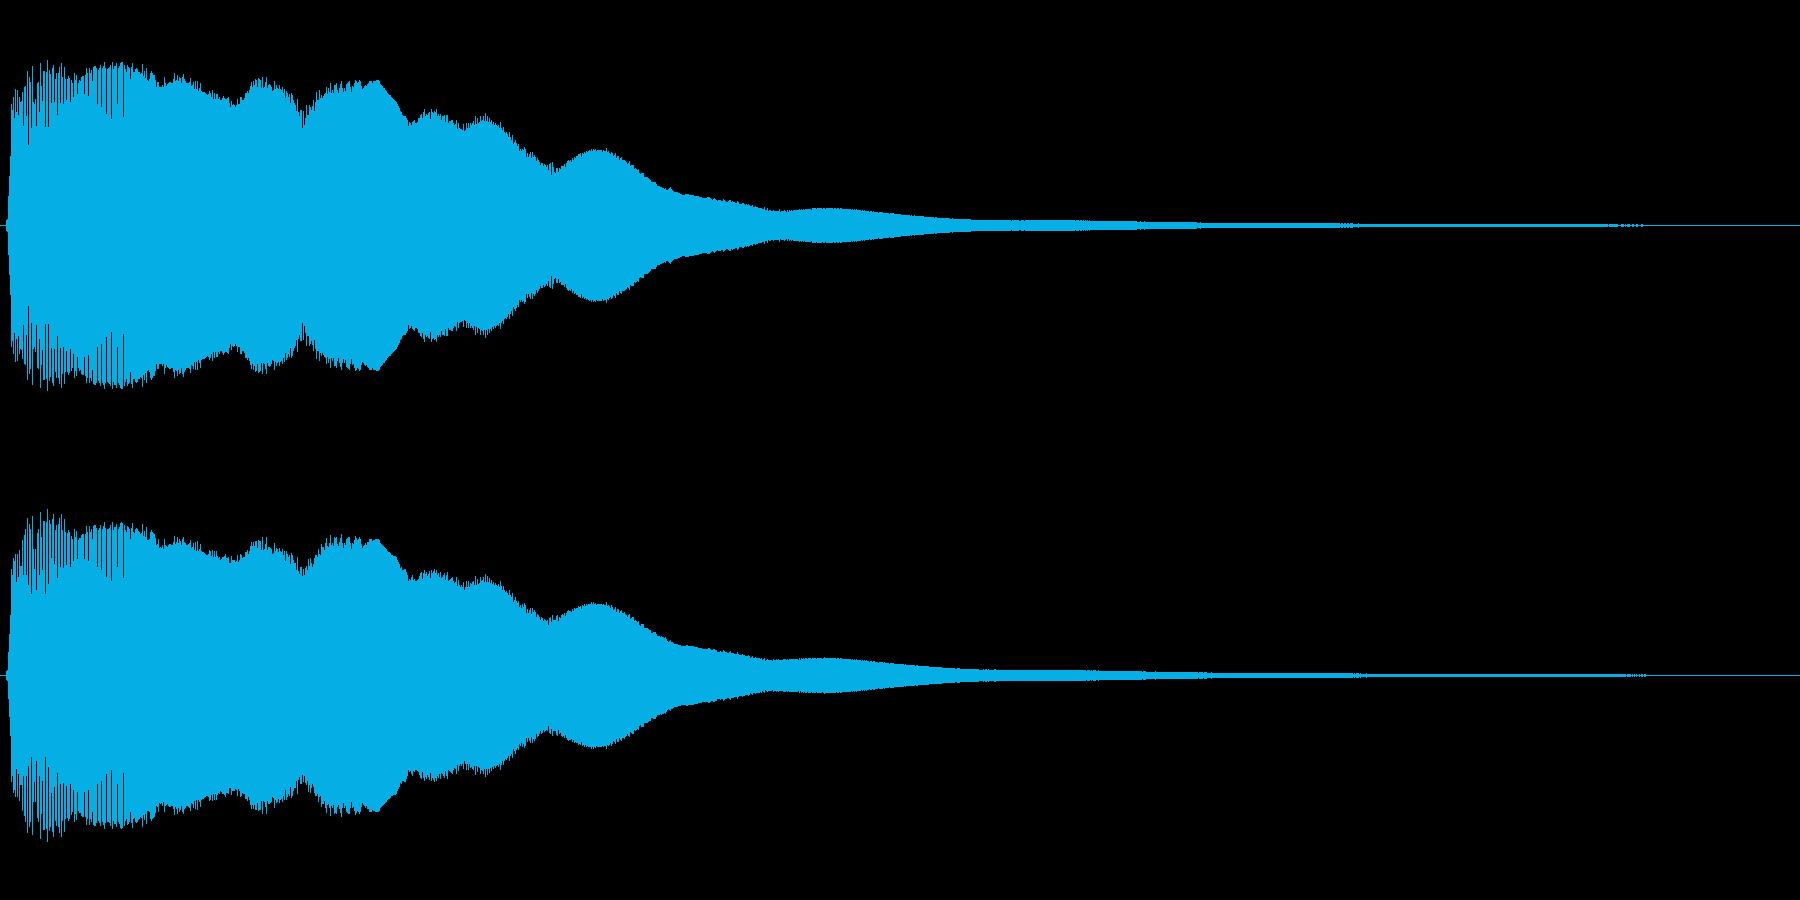 ビュ〜ン、ピュ〜ン(コミカルな効果音)の再生済みの波形